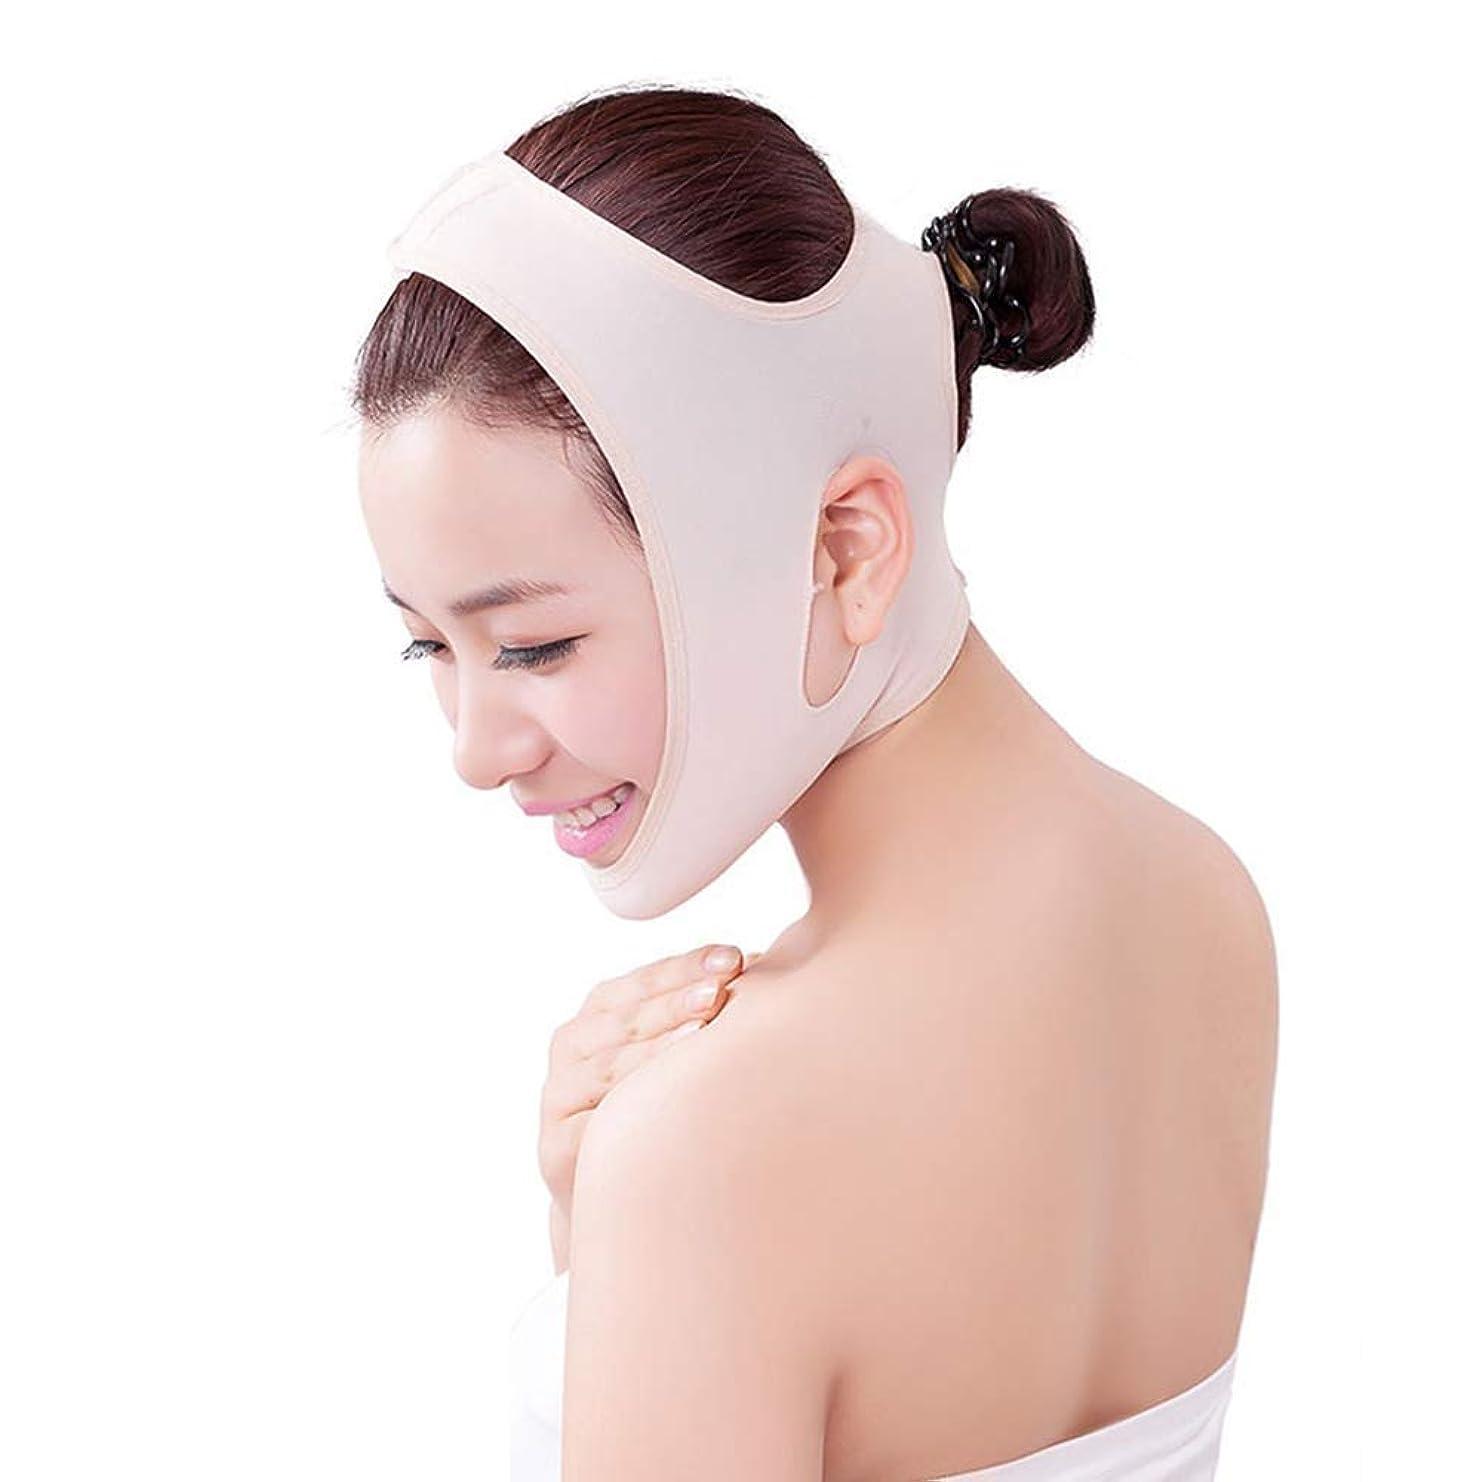 残りアライメント素晴らしい薄型フェイスベルト - 男性用および女性用の包帯をフランスの顔用リフティングマスク器具に引き締める薄型フェイスVフェイス薄型ダブルチンフェイスリフティングベルト(サイズ:M),S